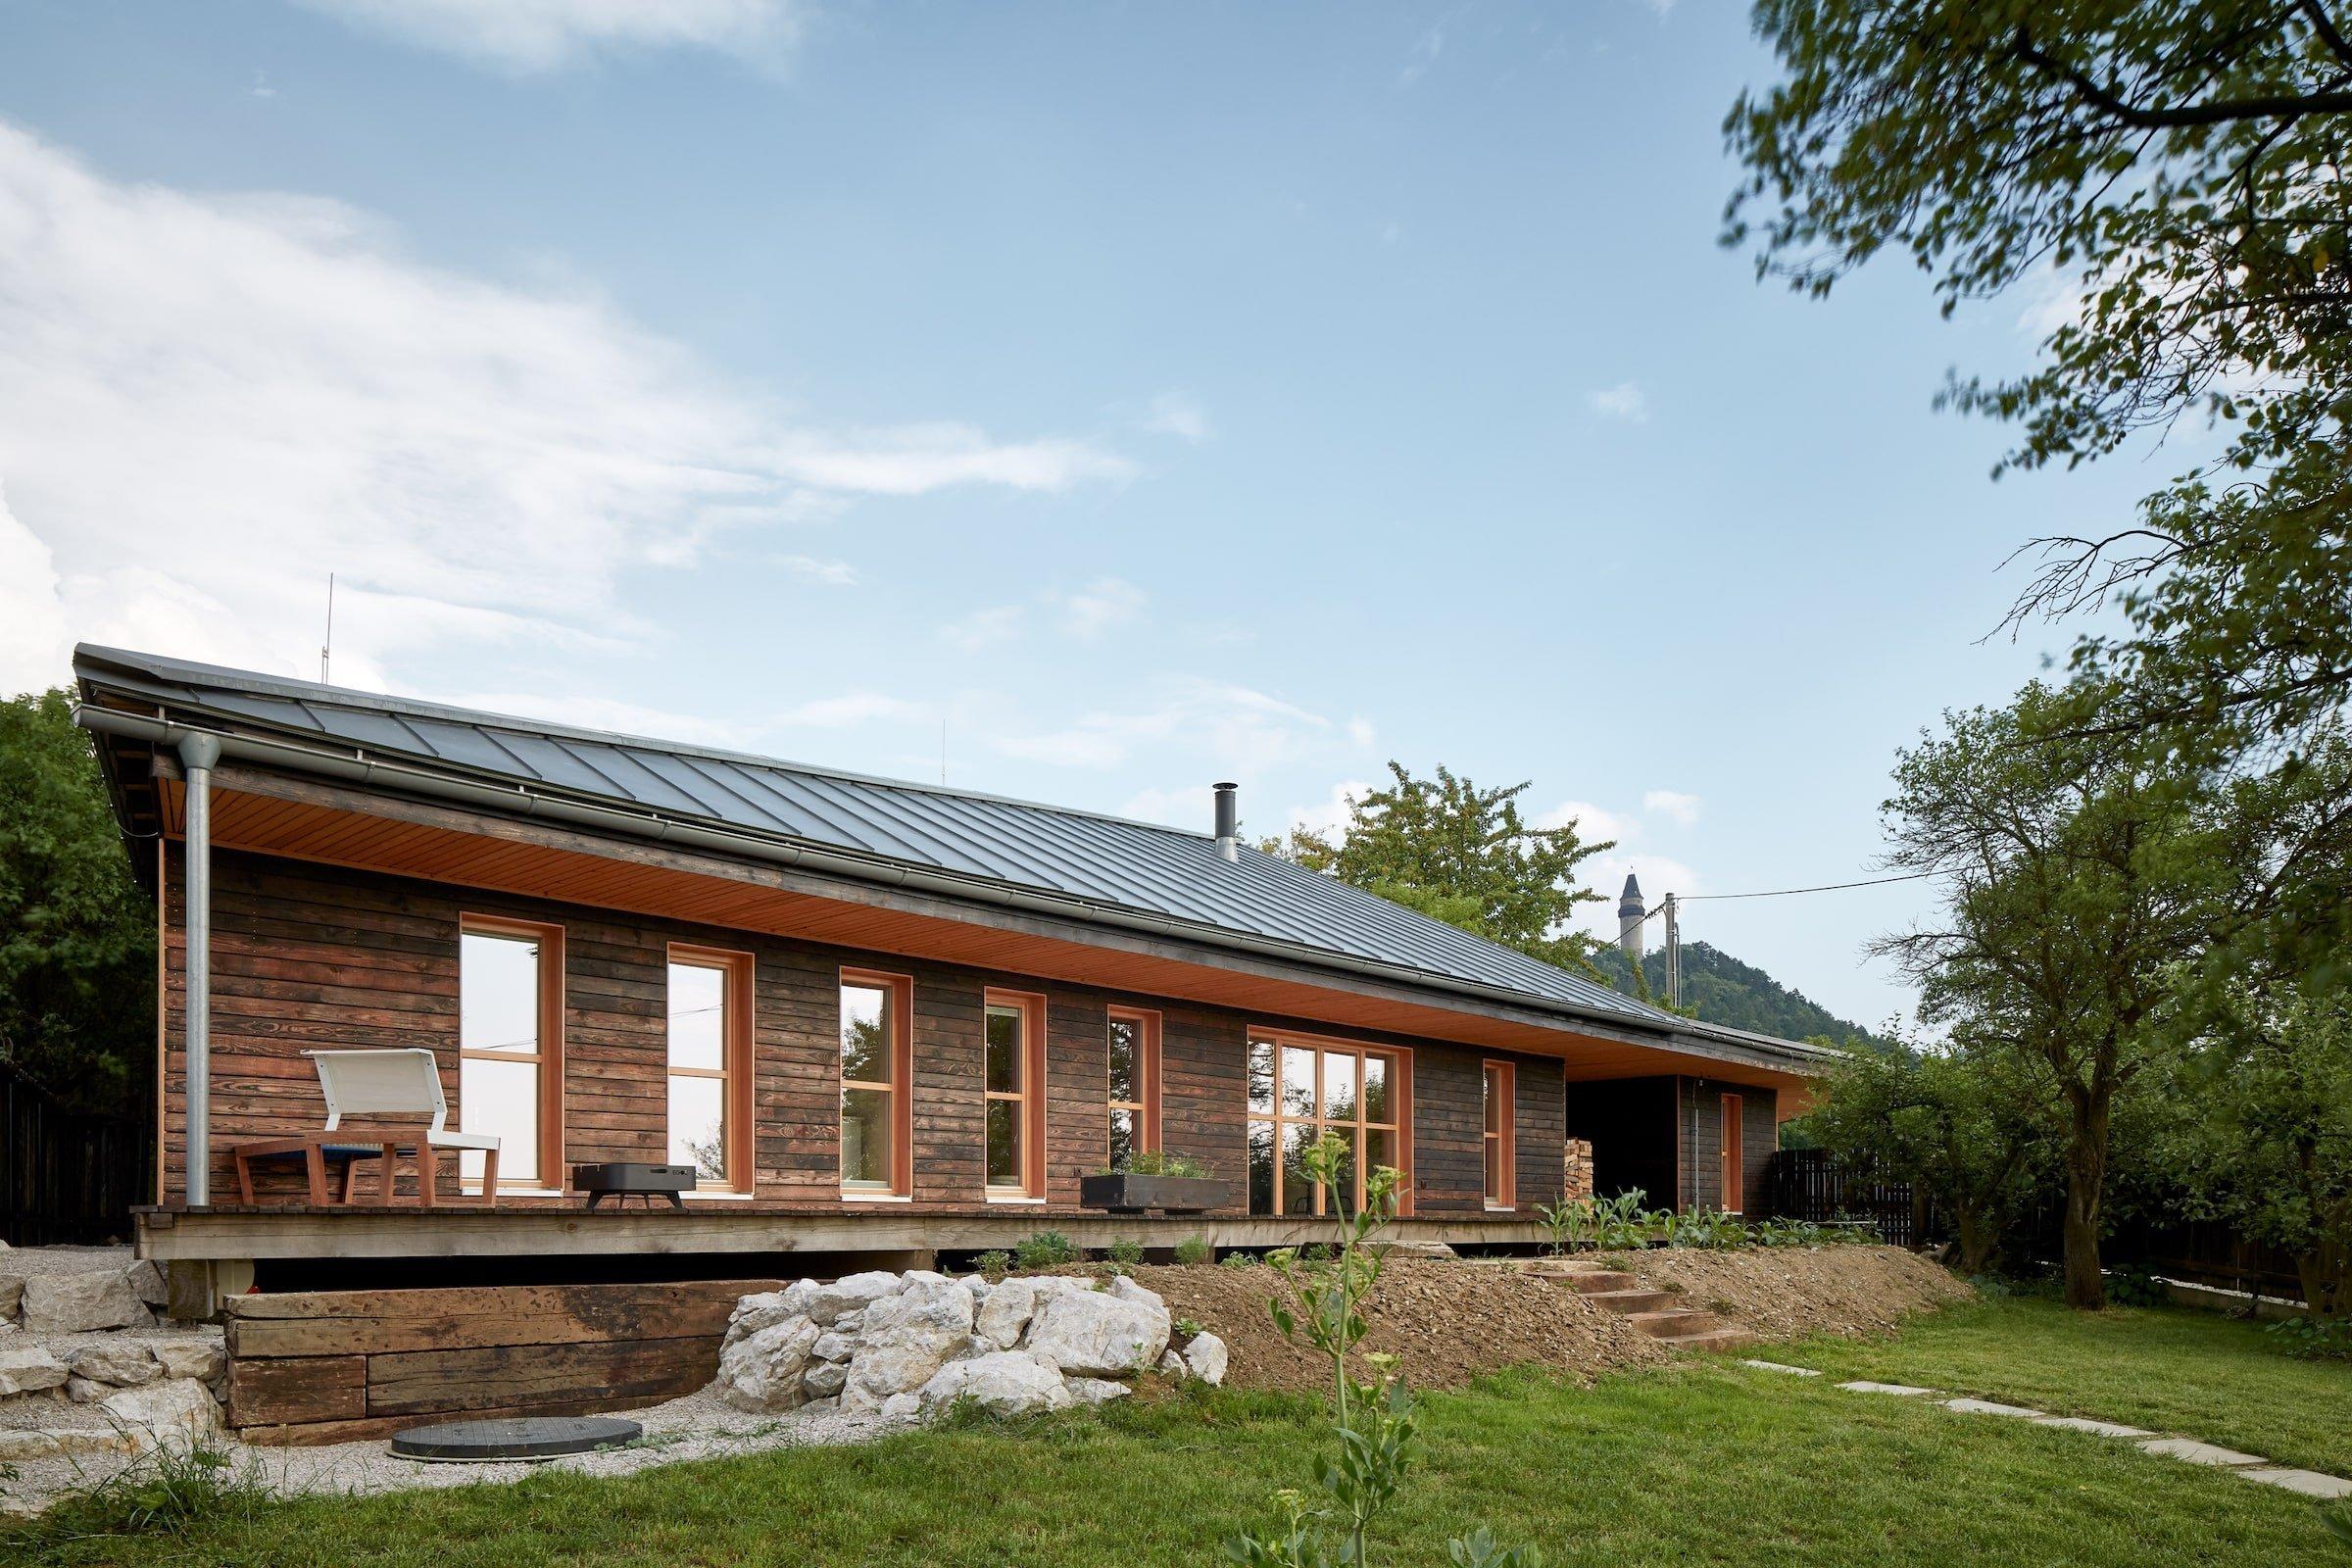 Jak dobře může fungovat spojení tradice s moderní architekturou? Na to vám odpovíme při procházce bývalou zahrádkářskou kolonií na pomezí Kopřivnice a Štramberka, při níž se podíváme do moderního domu inspirovaného tradiční valašskou architekturou.